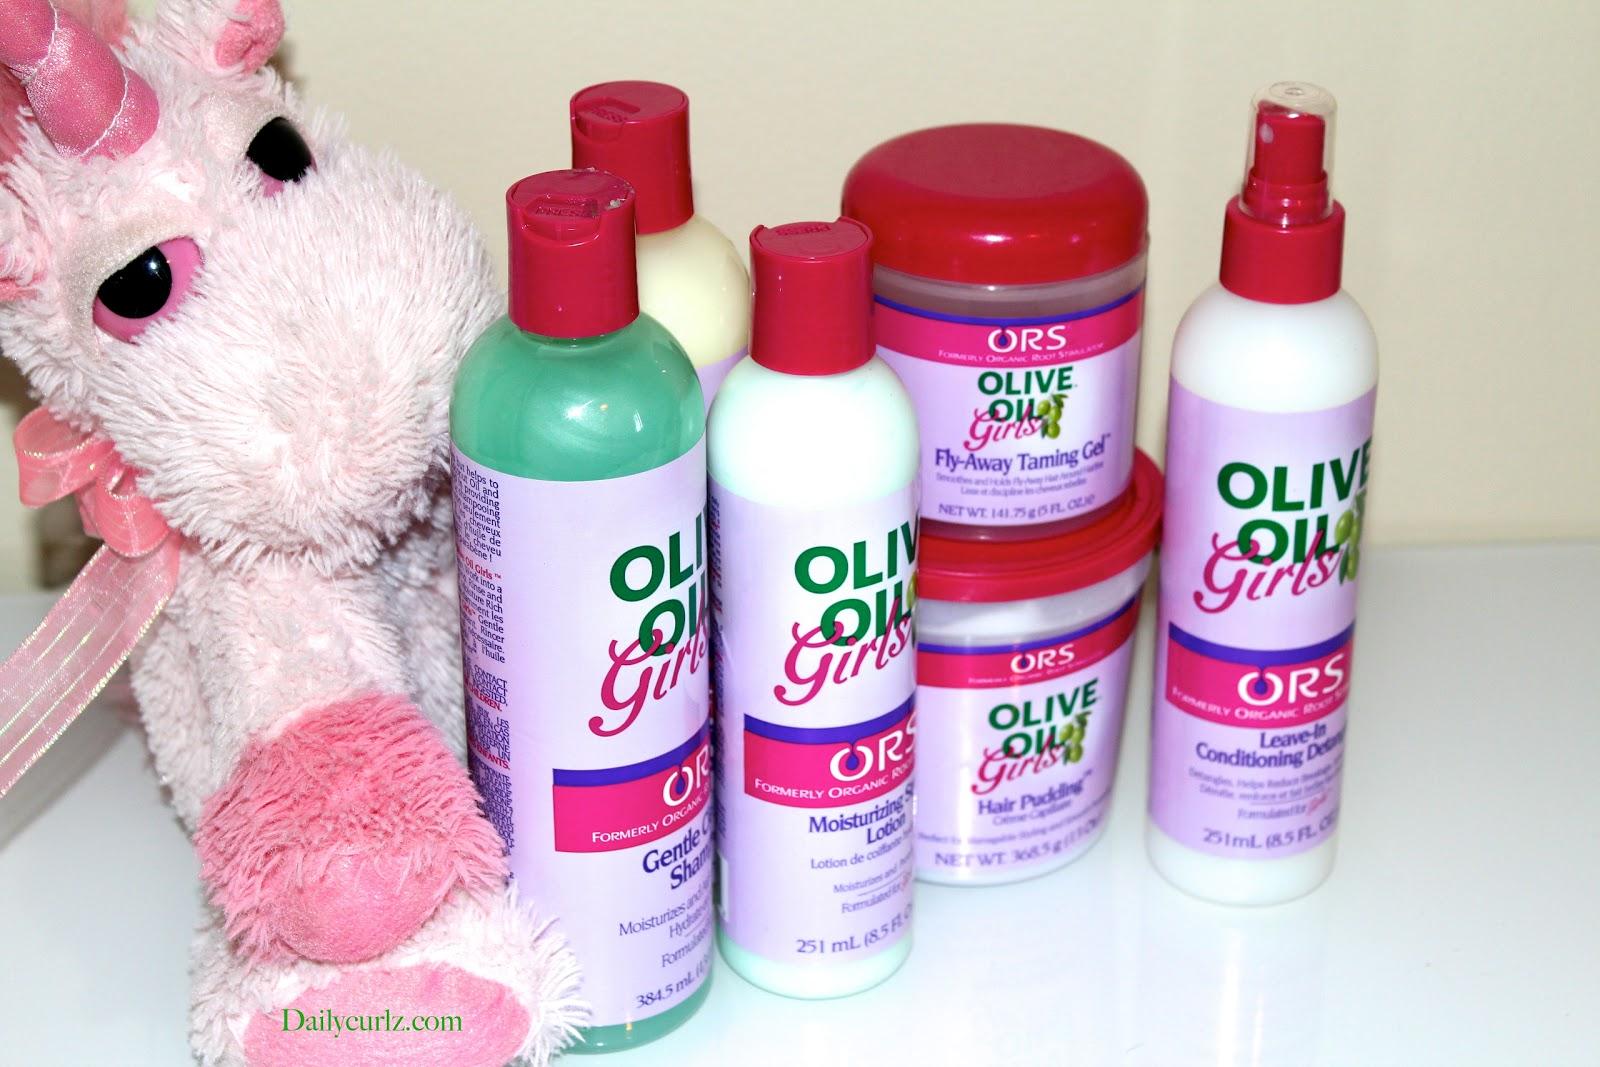 60039s girls olive oil 2